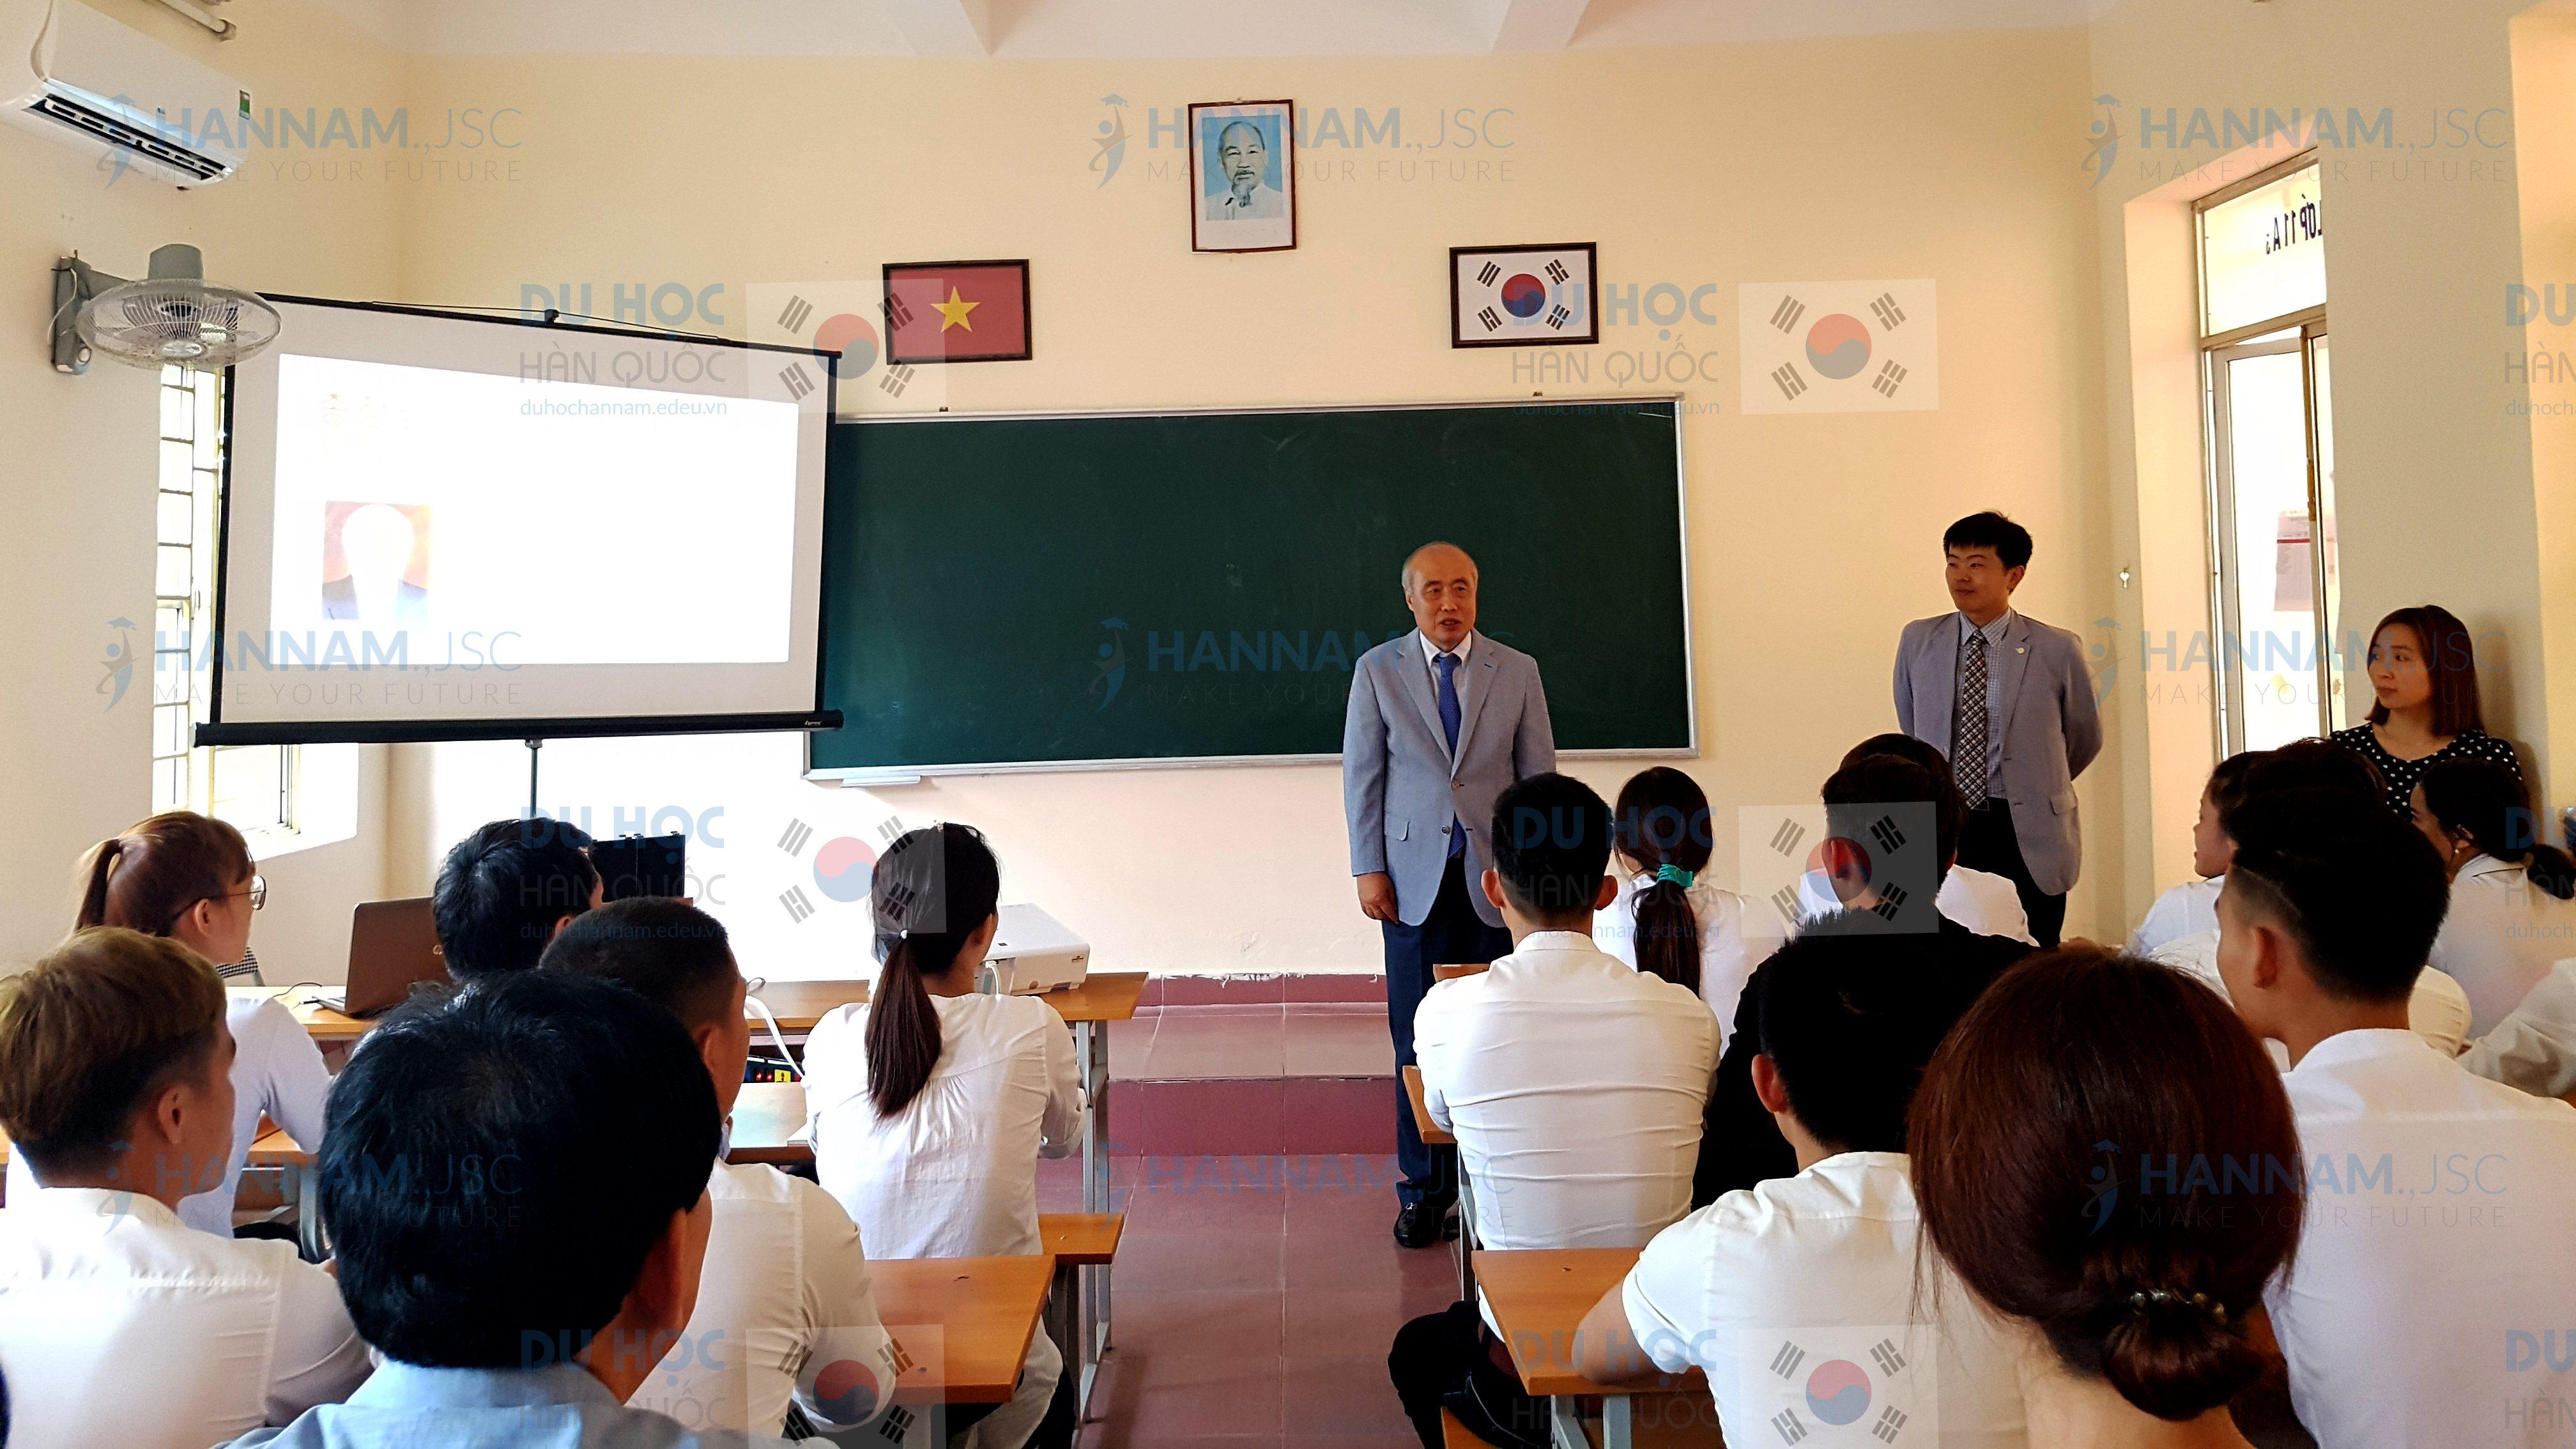 Hiệu trưởng Chung Sung Bong nói chuyện với du học sinh Hannam